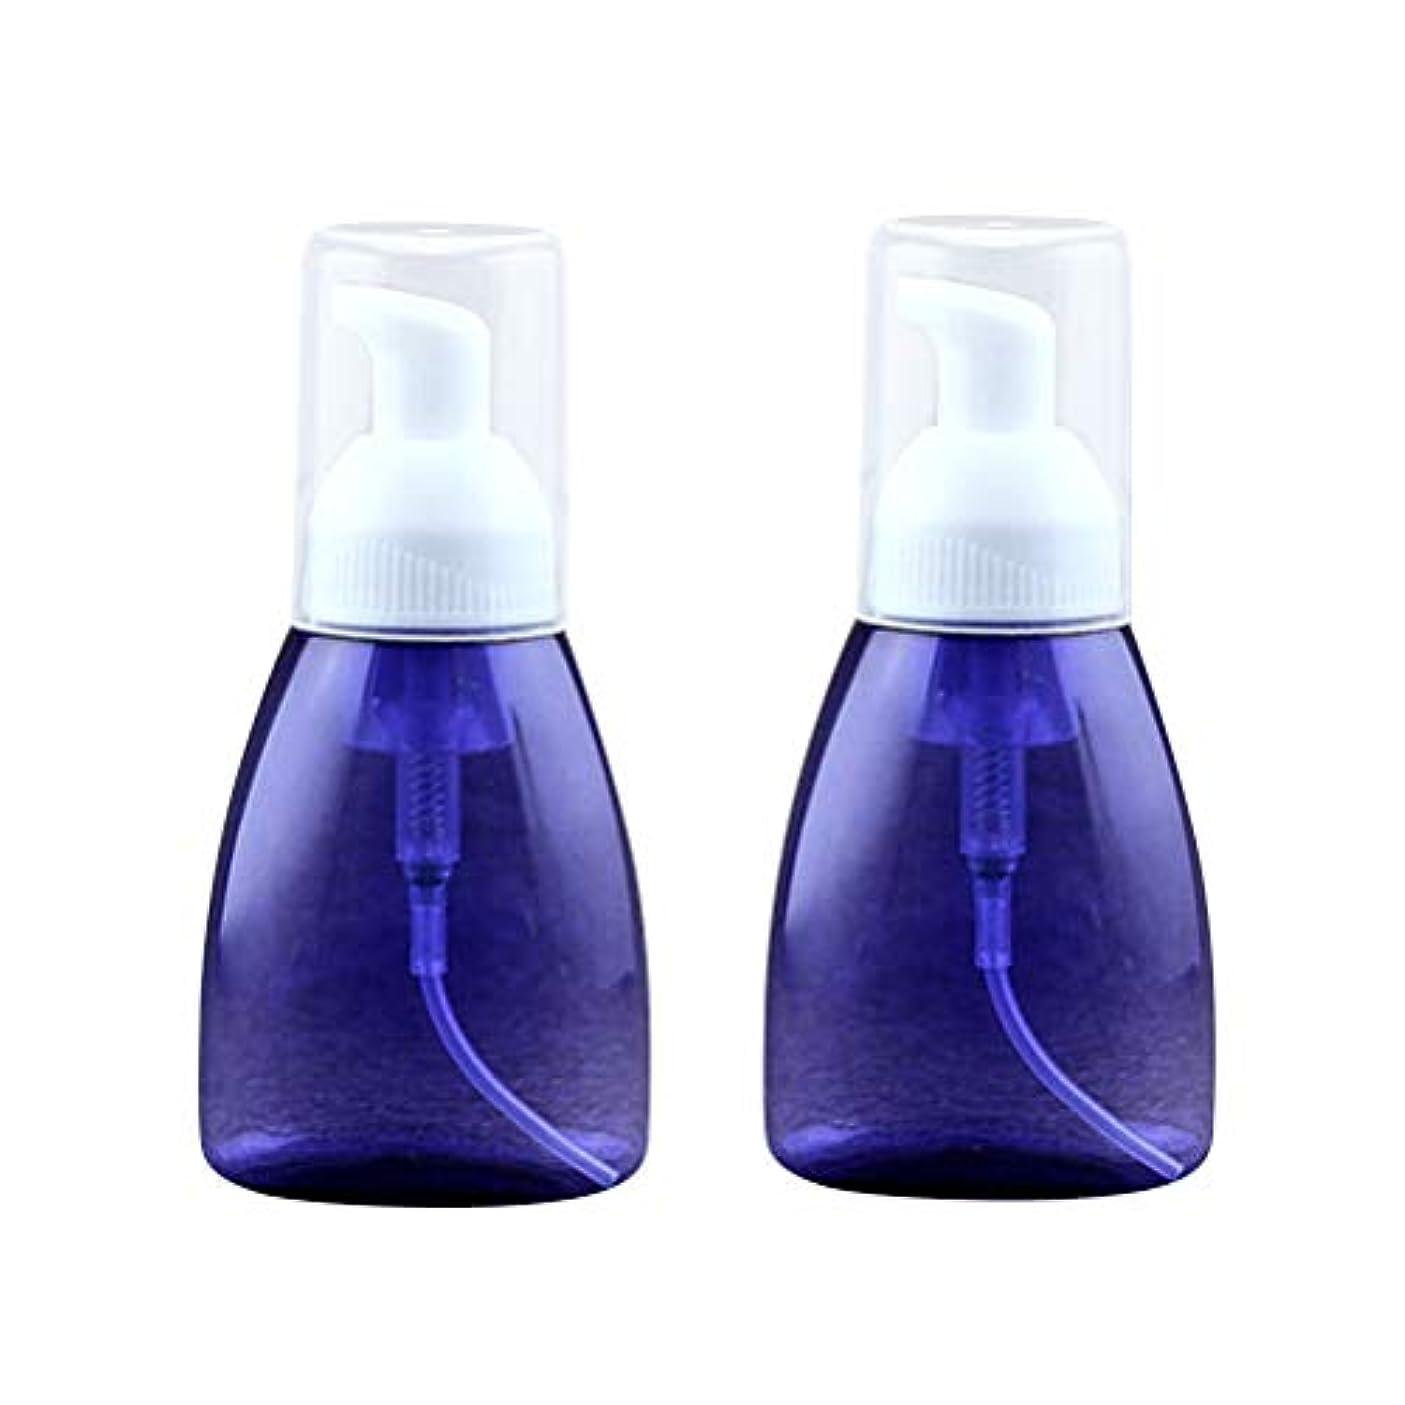 ホームレスあいまいな審判SUPVOX 2本発泡ソープディスペンサー詰め替え式プラスチックローションボトル泡ハンドポンプ空のボトル容器クリアトラベルトイレタリーボトル用液体シャンプー80ml(ブルー)